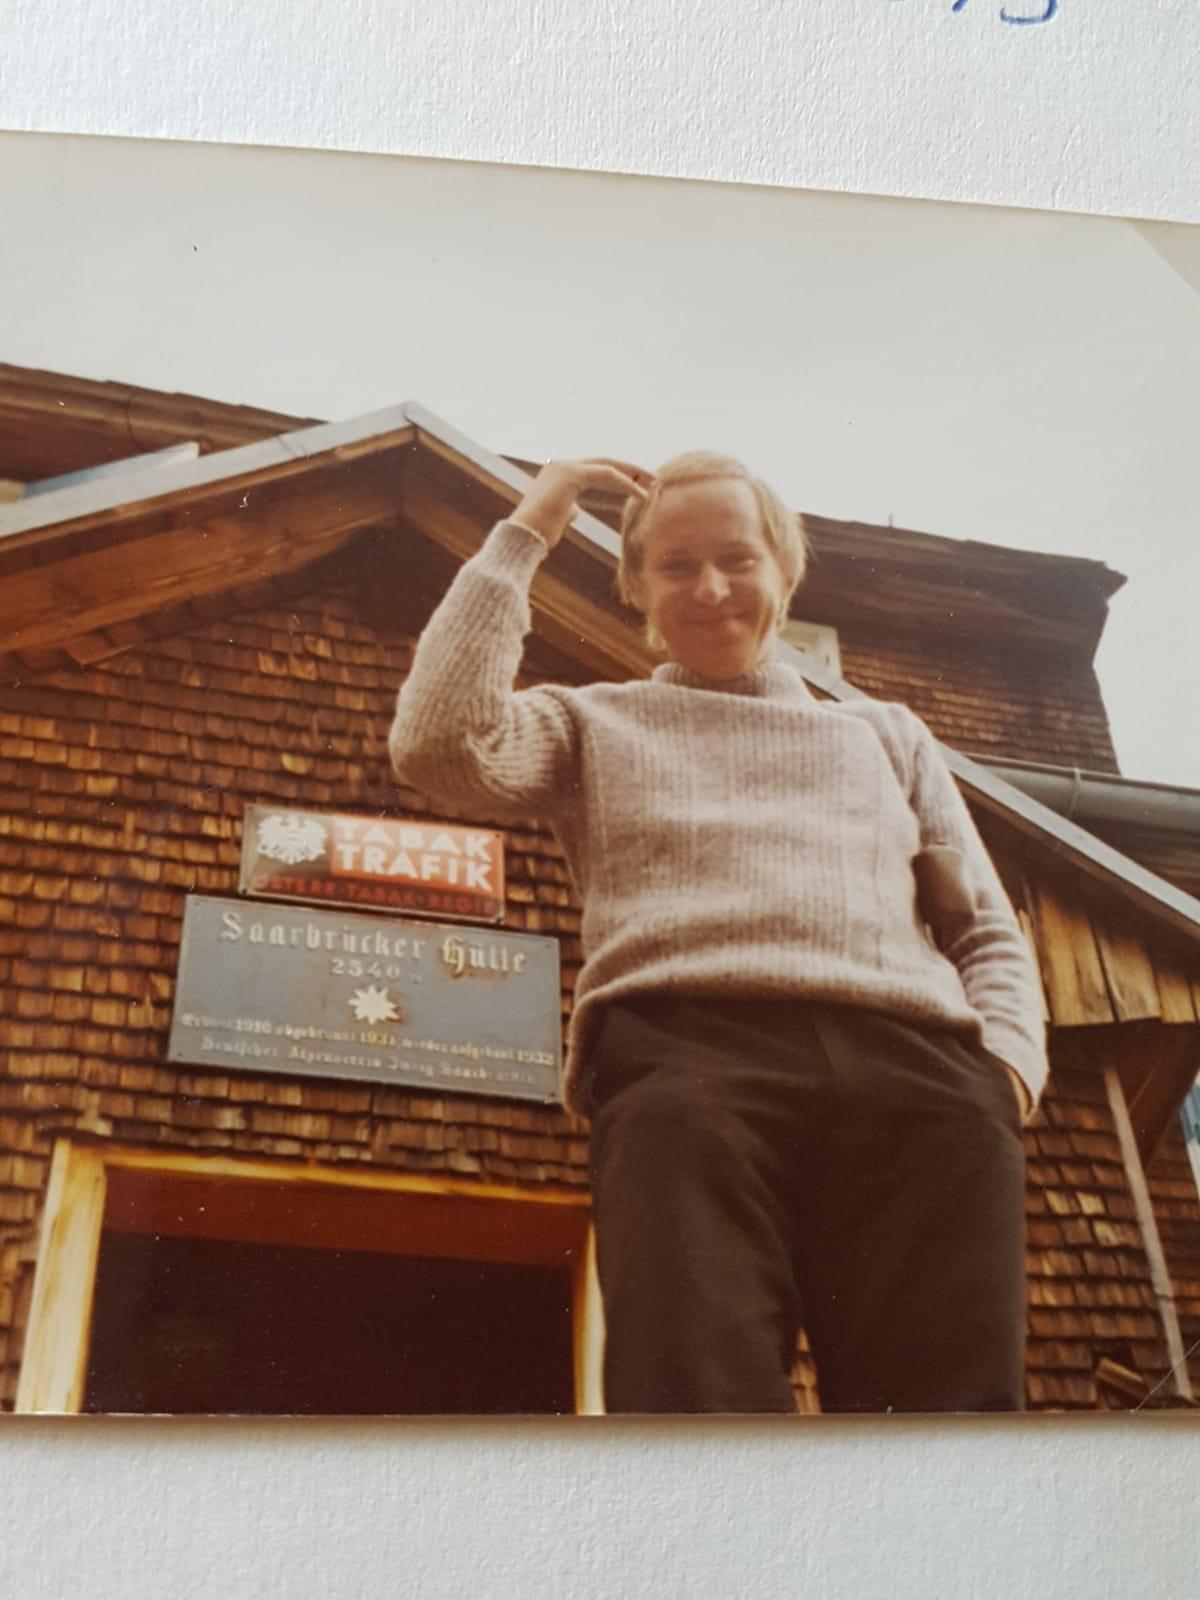 Traugott beim Vereinsauflug in der Silvretta-Gruppe auf der Saarbrücker Hütte